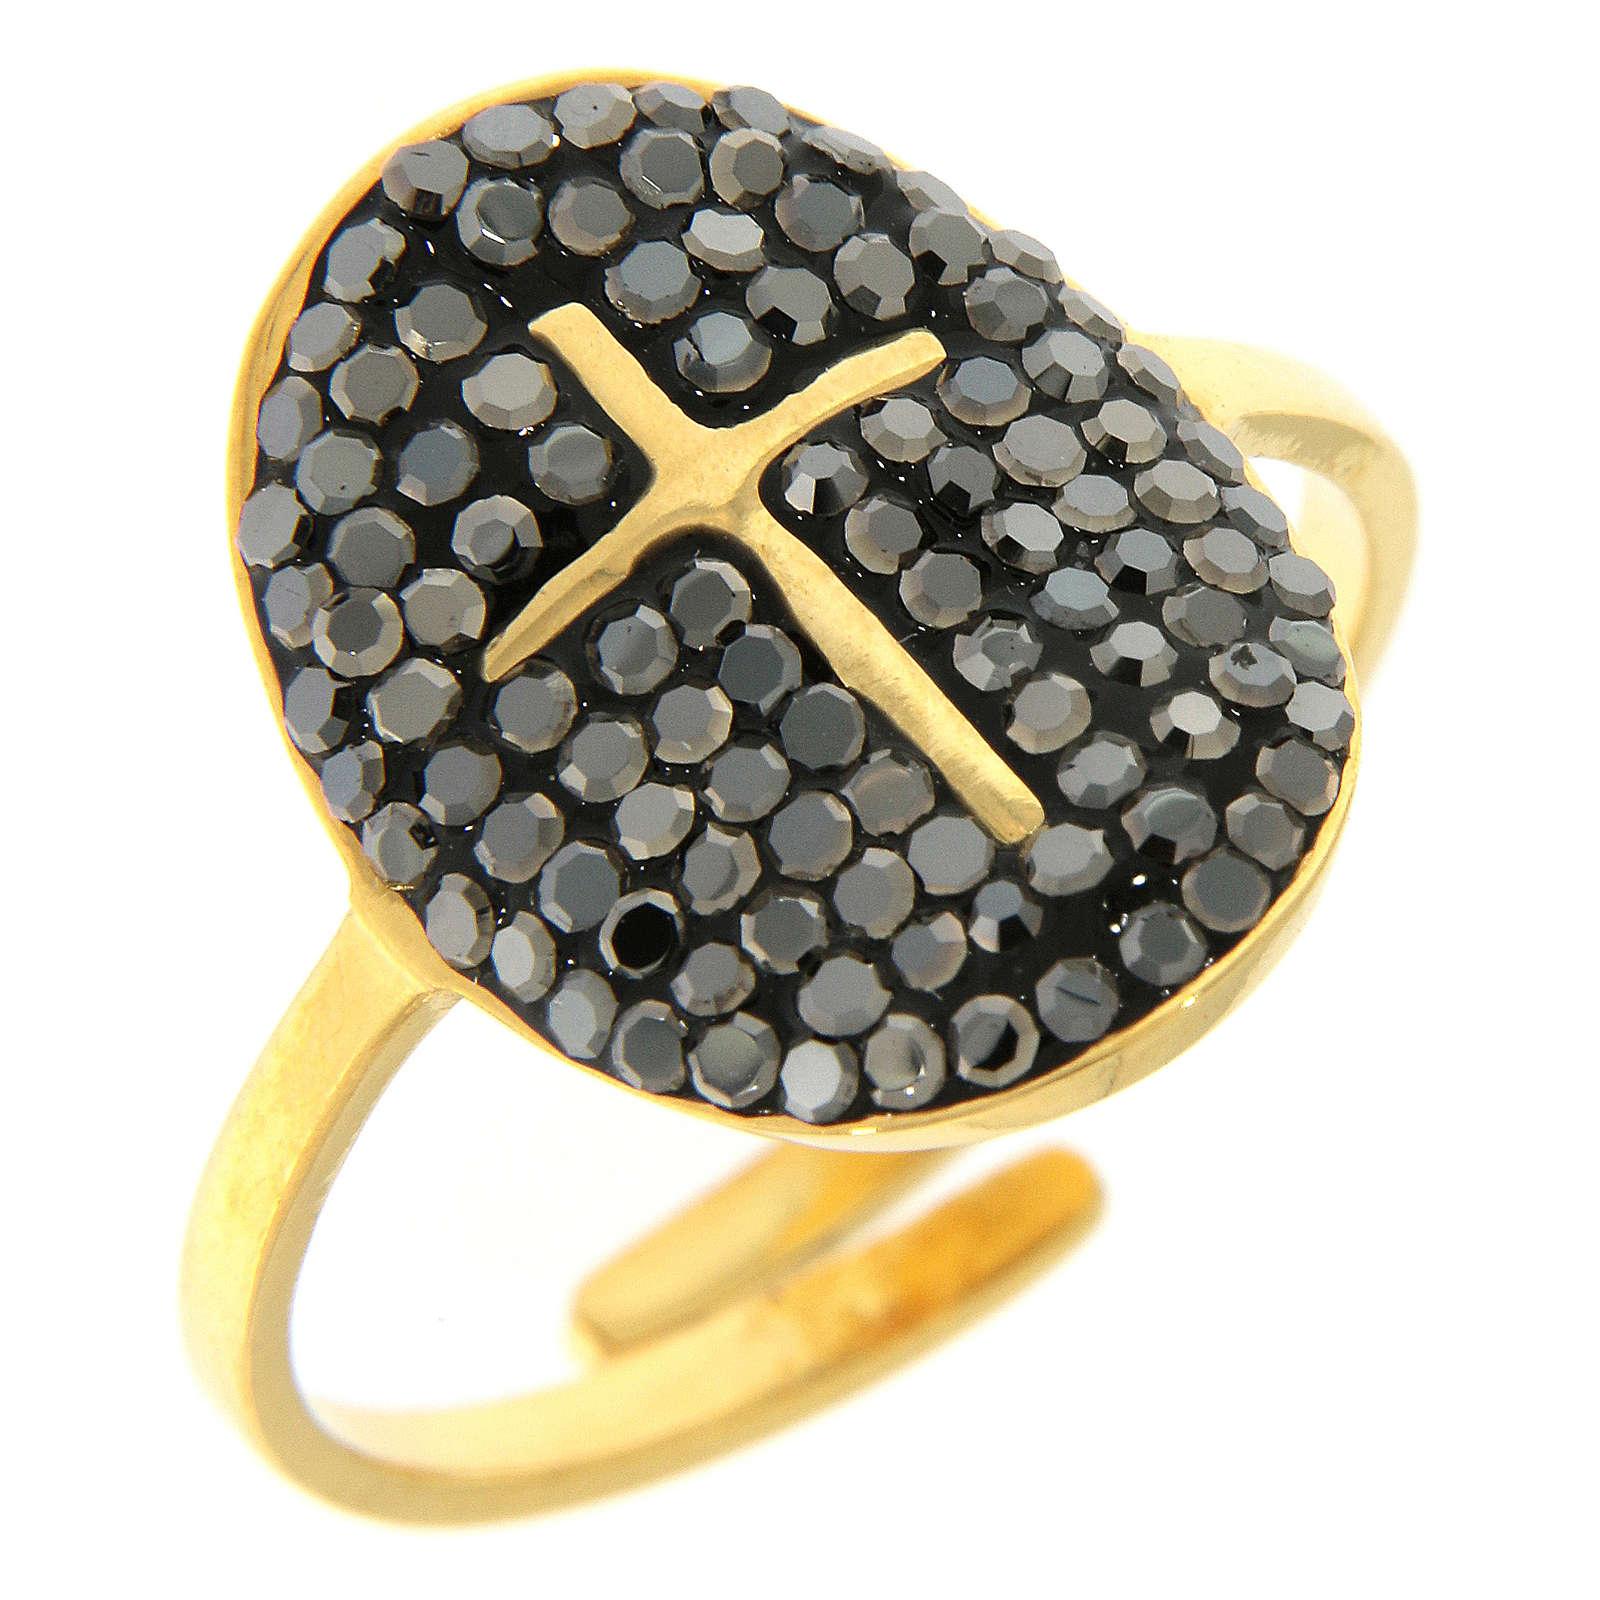 Bague Medjugorje acier doré croix dorée avec cristaux noirs 4